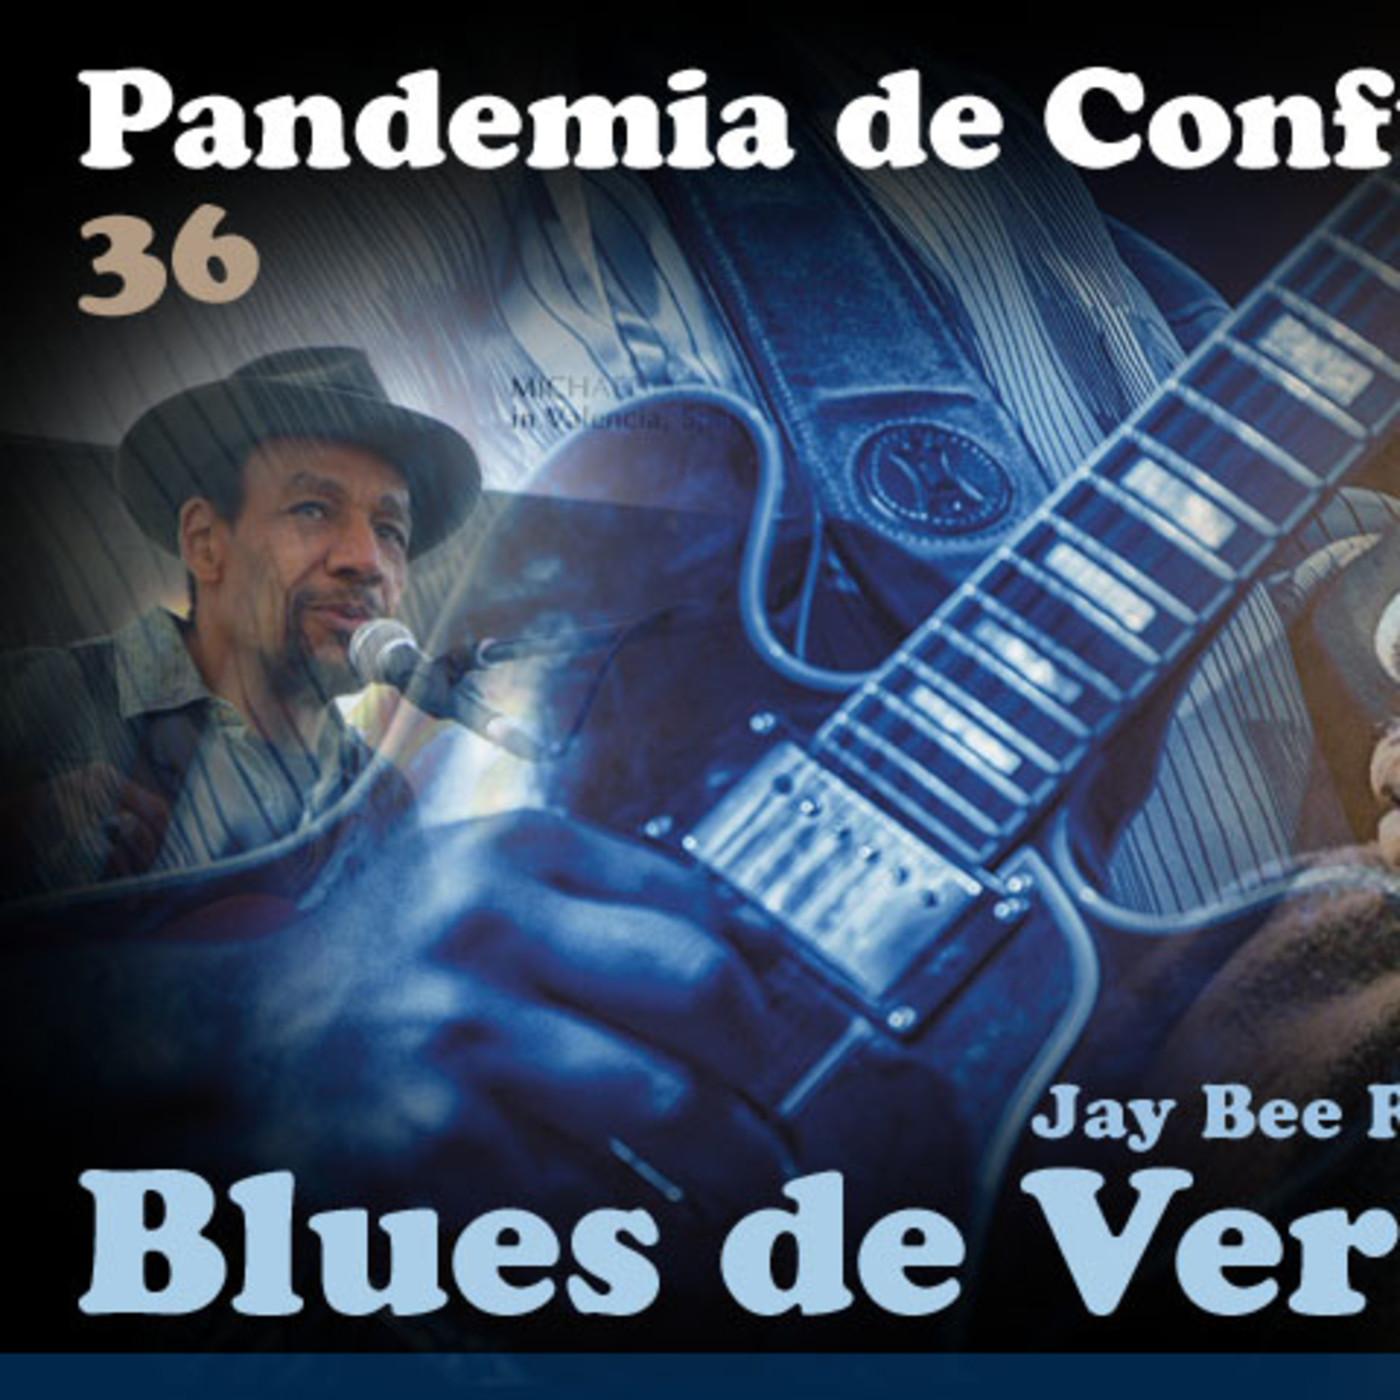 Blues de Verdad - podcast 36: Pandemia de Confusión (Parte 2)